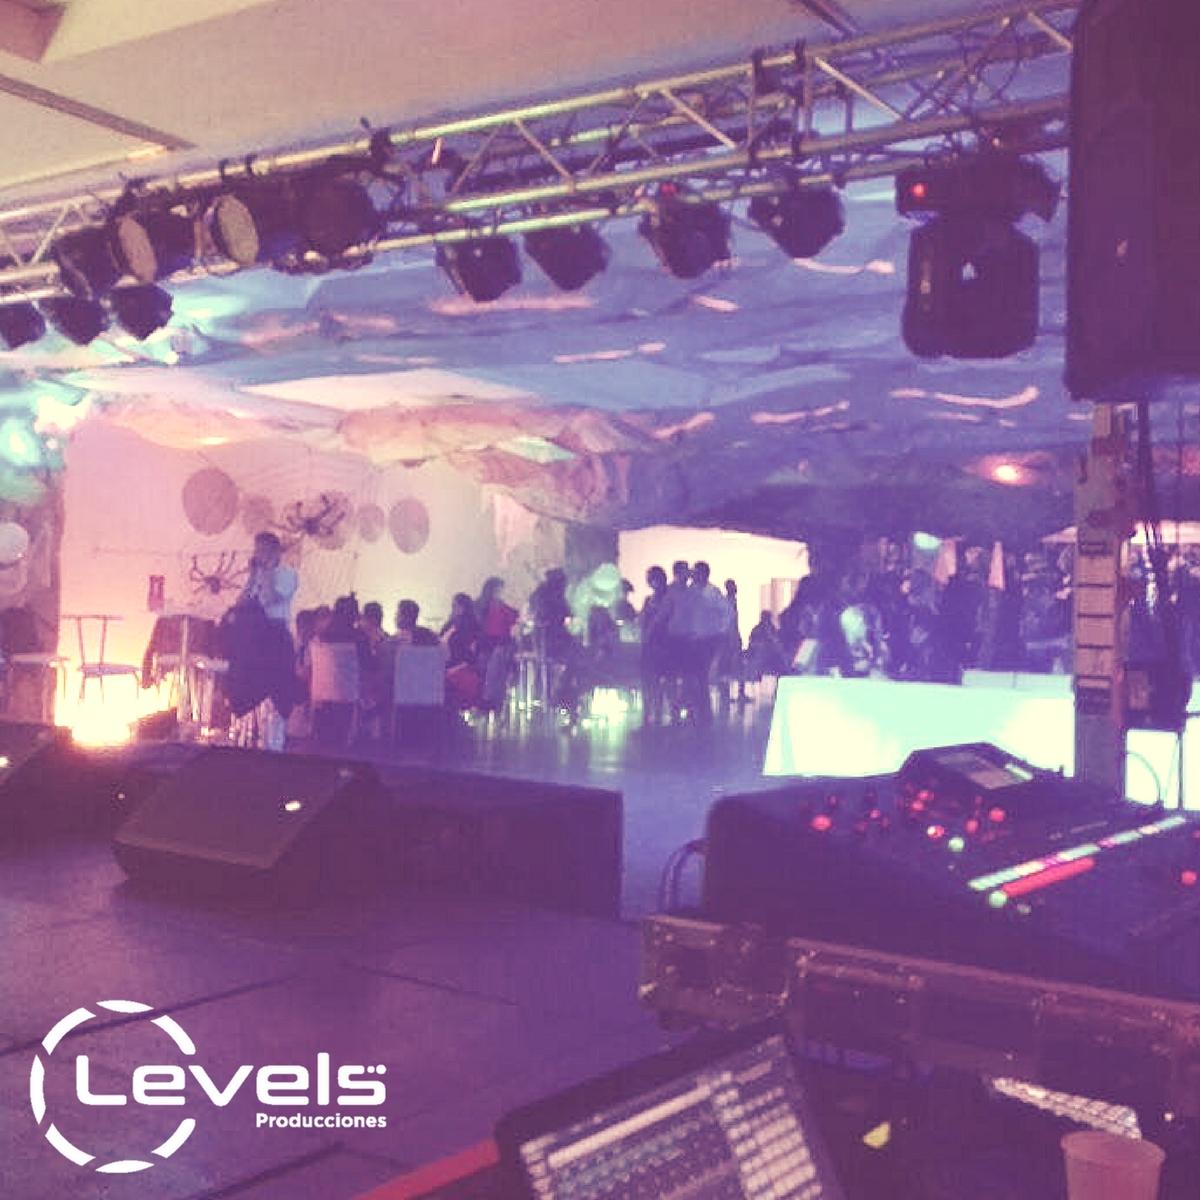 Levels Pro 13